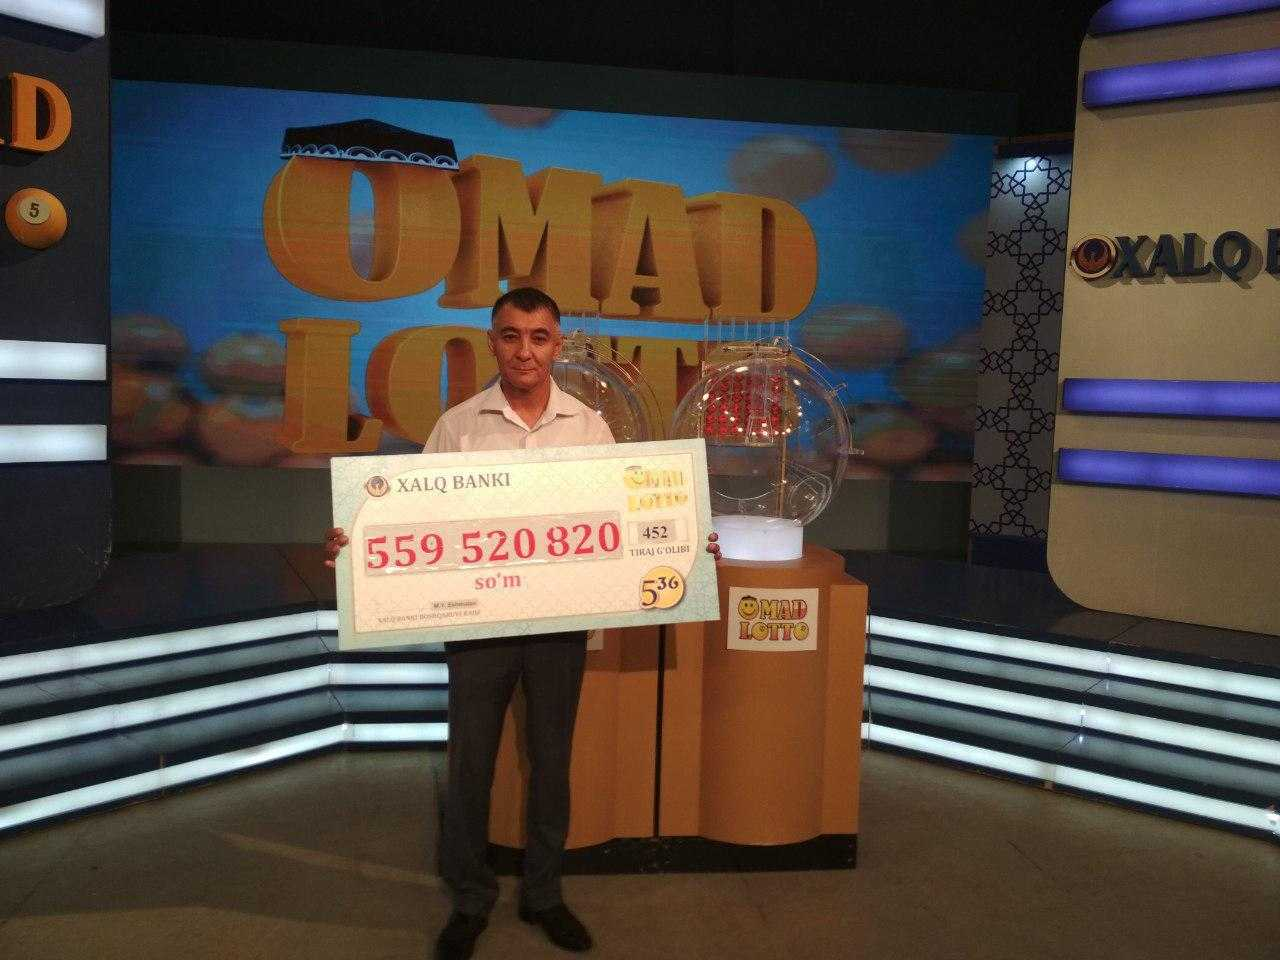 Лотереи узбекистана и зарубежные лотереи: стоимость билетов, тиражи, правила, места продаж